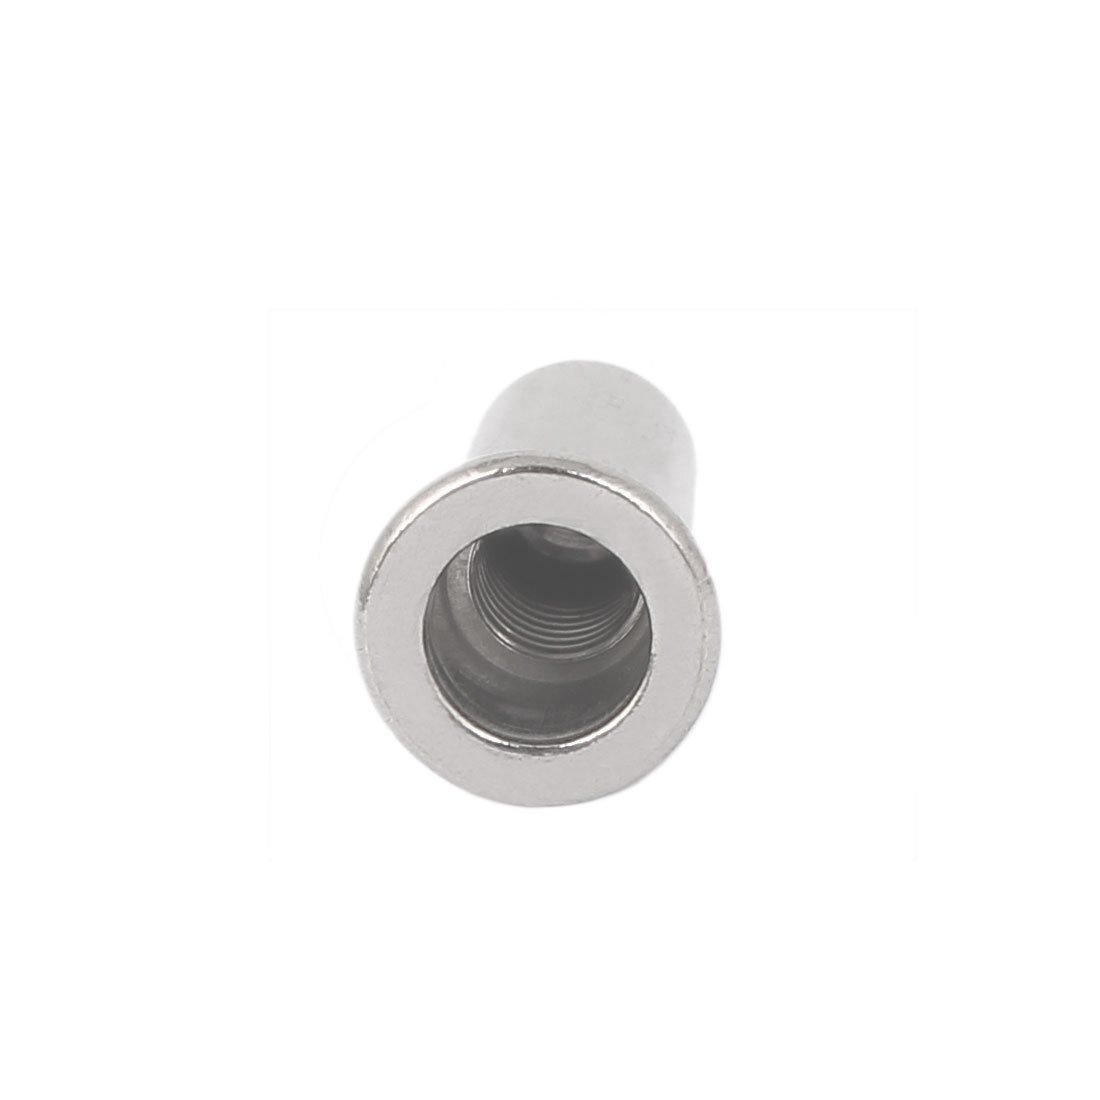 eDealMax a16070700ux0252 fermé Fin Rivet Nut M5X18.5Mm 304 Droite en Acier inoxydable Knurled fermé Fin Rivet écrou Fastener 20Pcs